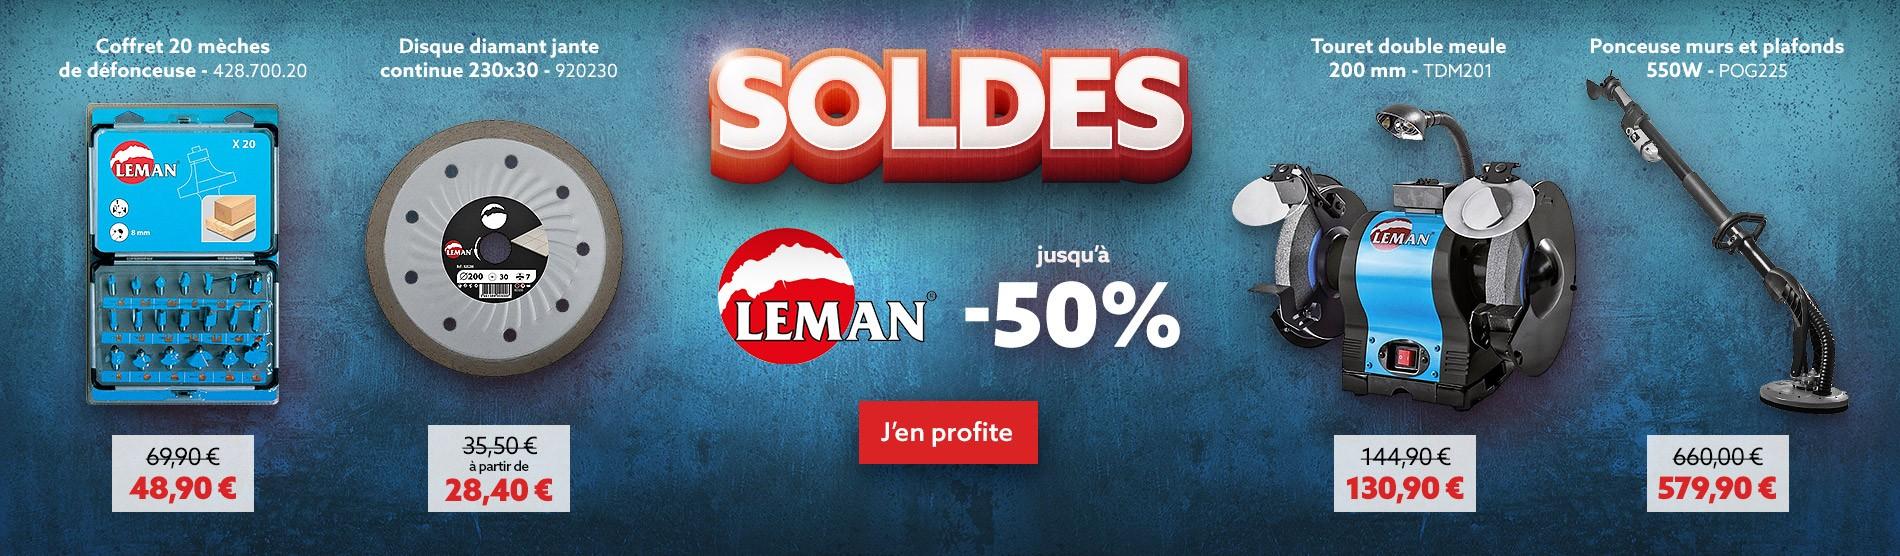 Soldes Leman jusqu'à -50%